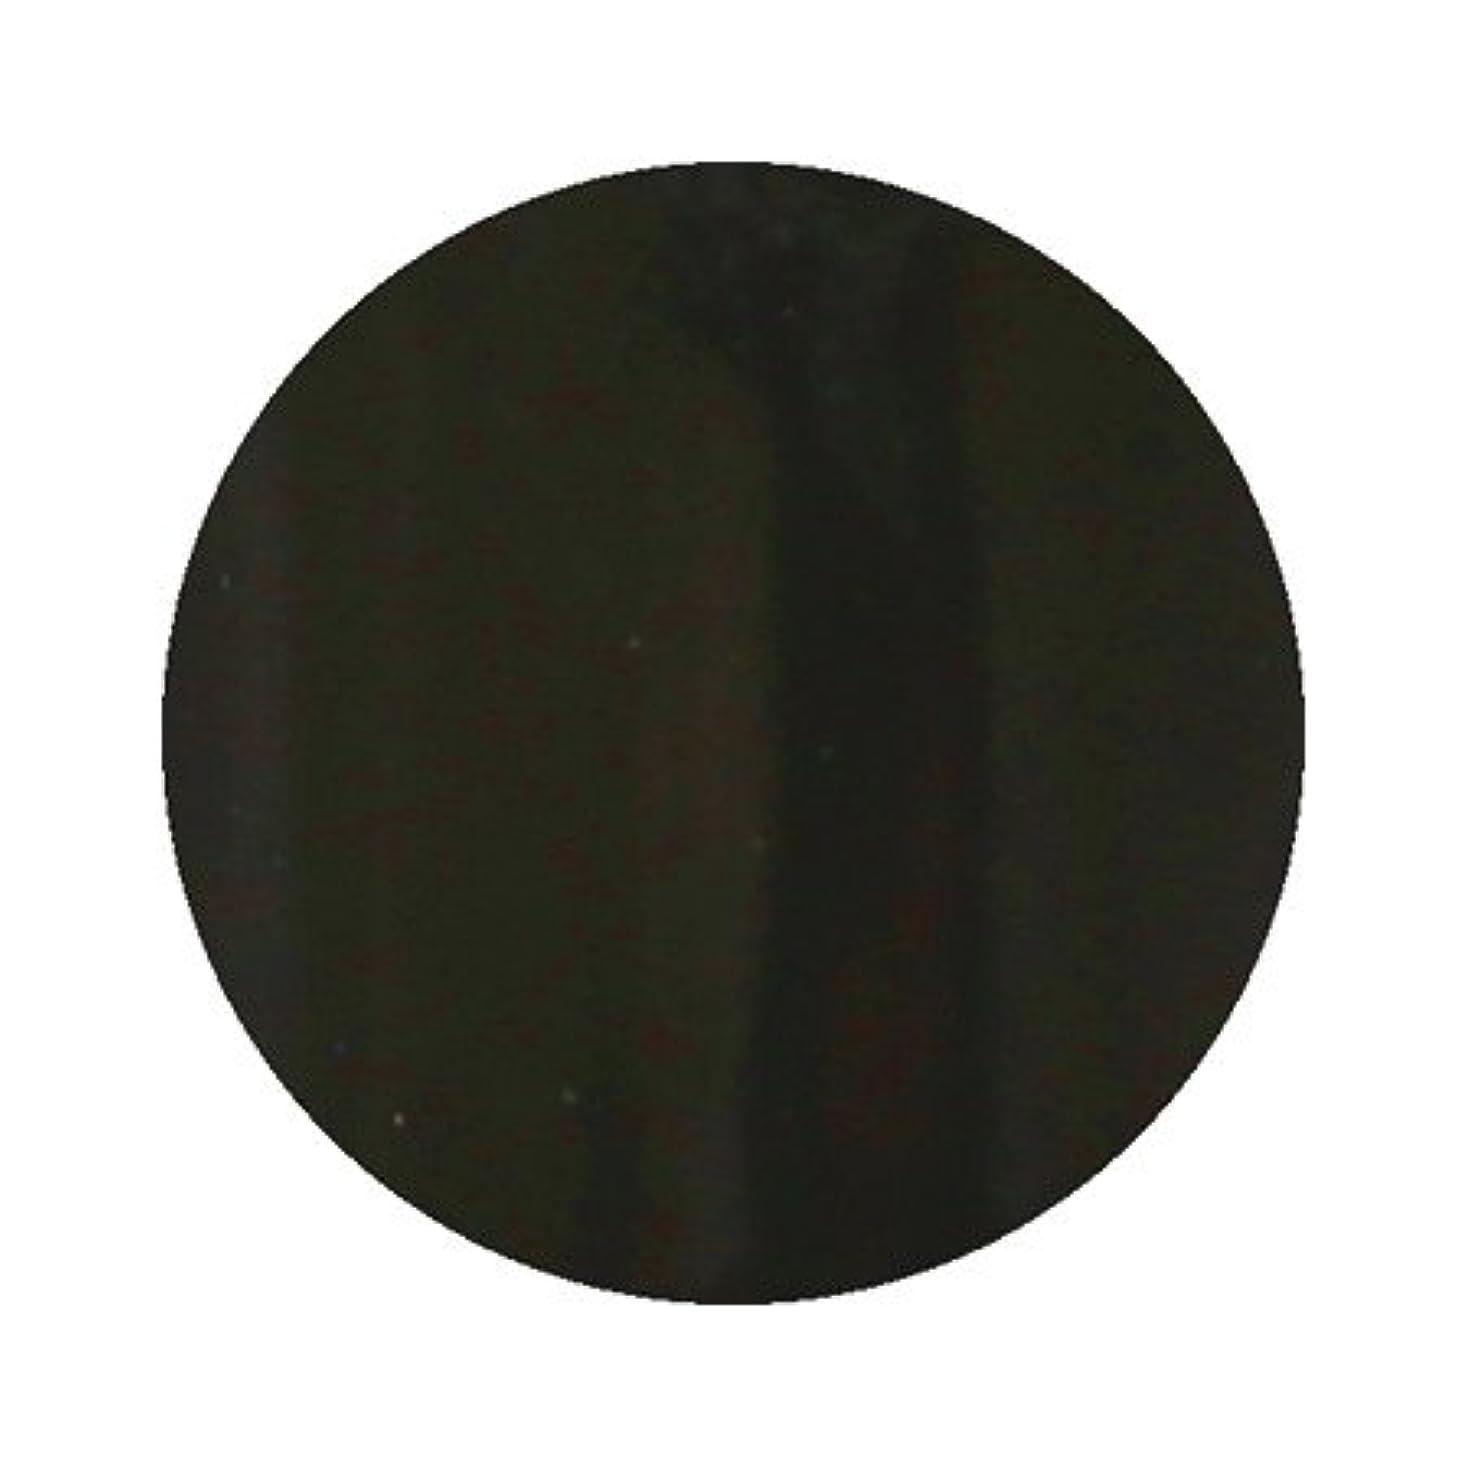 いたずらなテセウス土地パラポリッシュ ハイブリッドカラージェル MD14 ディープグリーン 7g